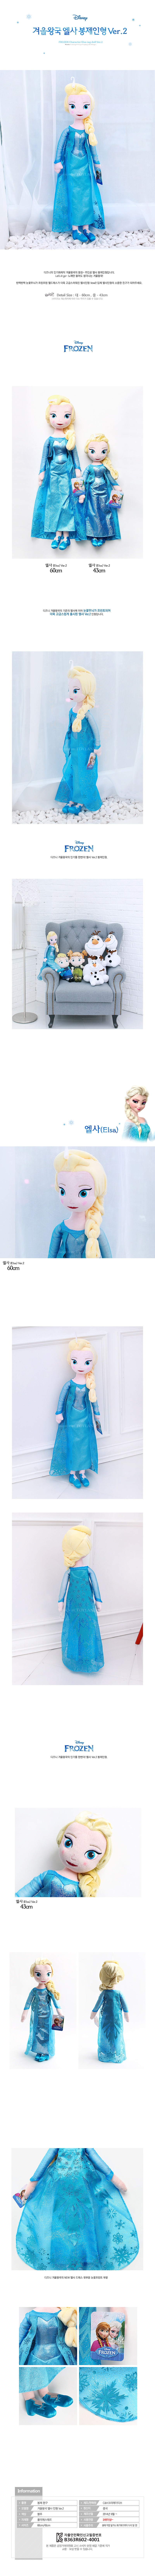 겨울왕국 엘사(Elsa) 봉제인형 Ver.2-60cm - 누리토이즈, 42,000원, 캐릭터인형, 디즈니